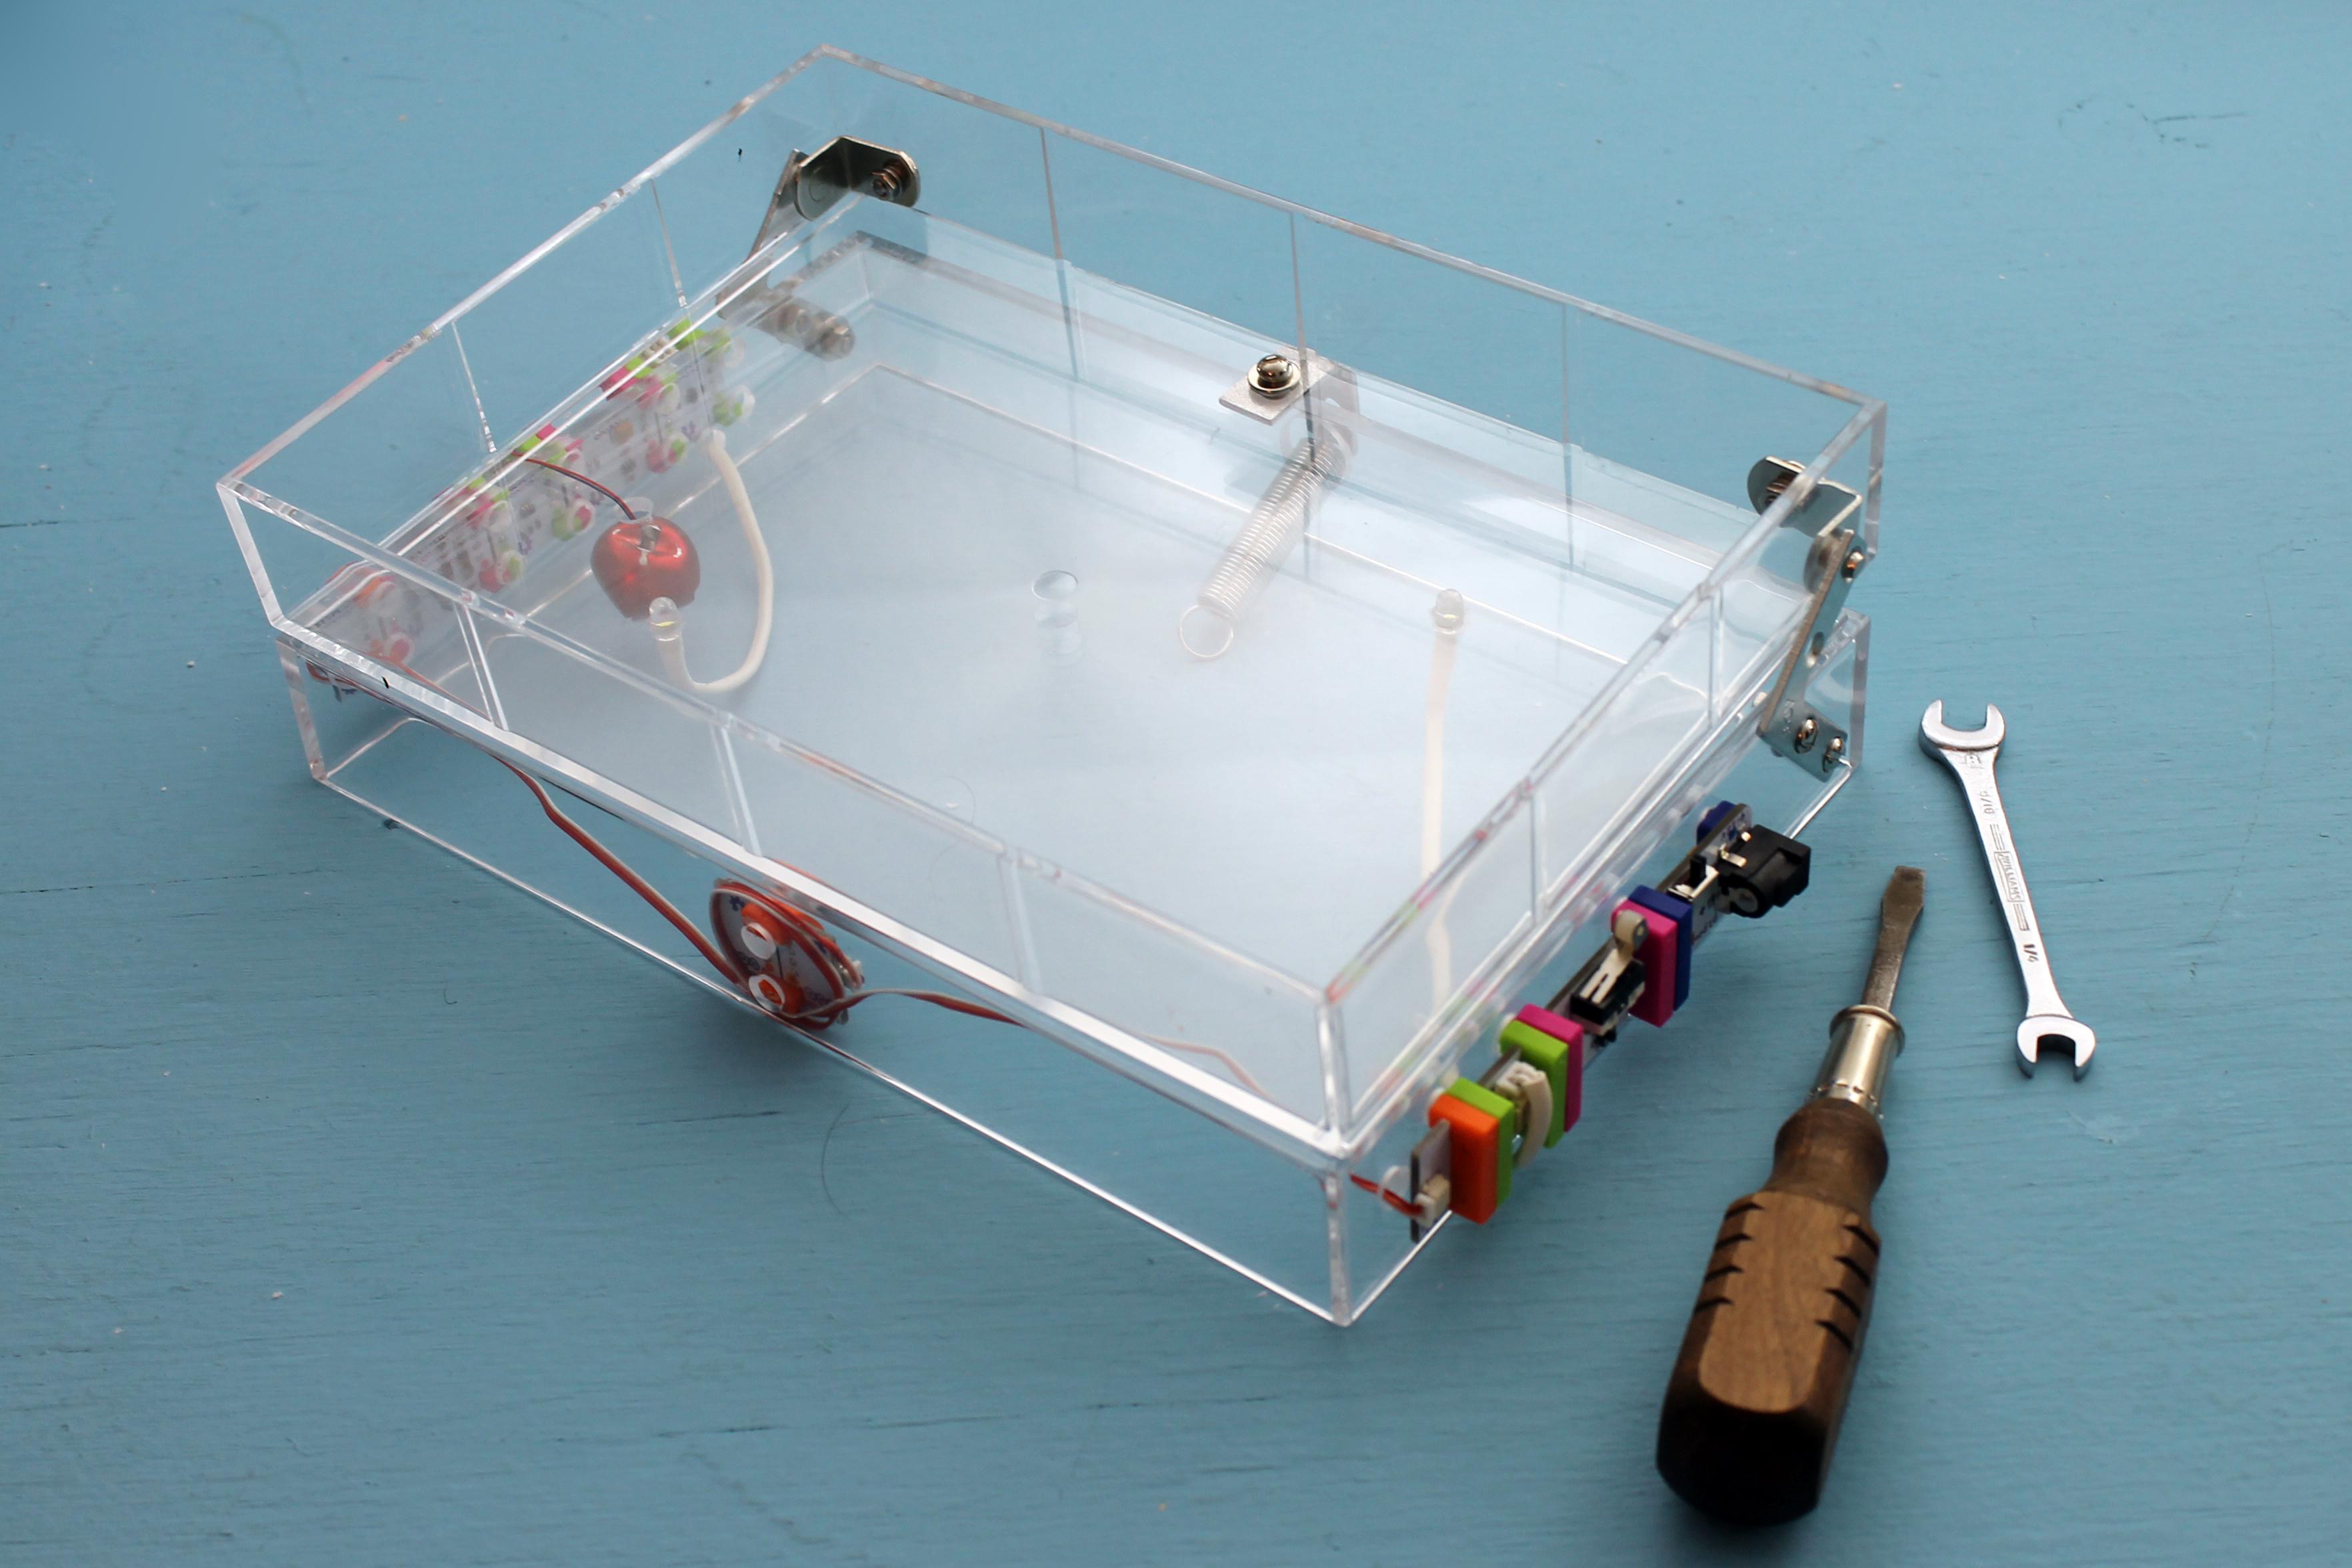 09 02 install tray